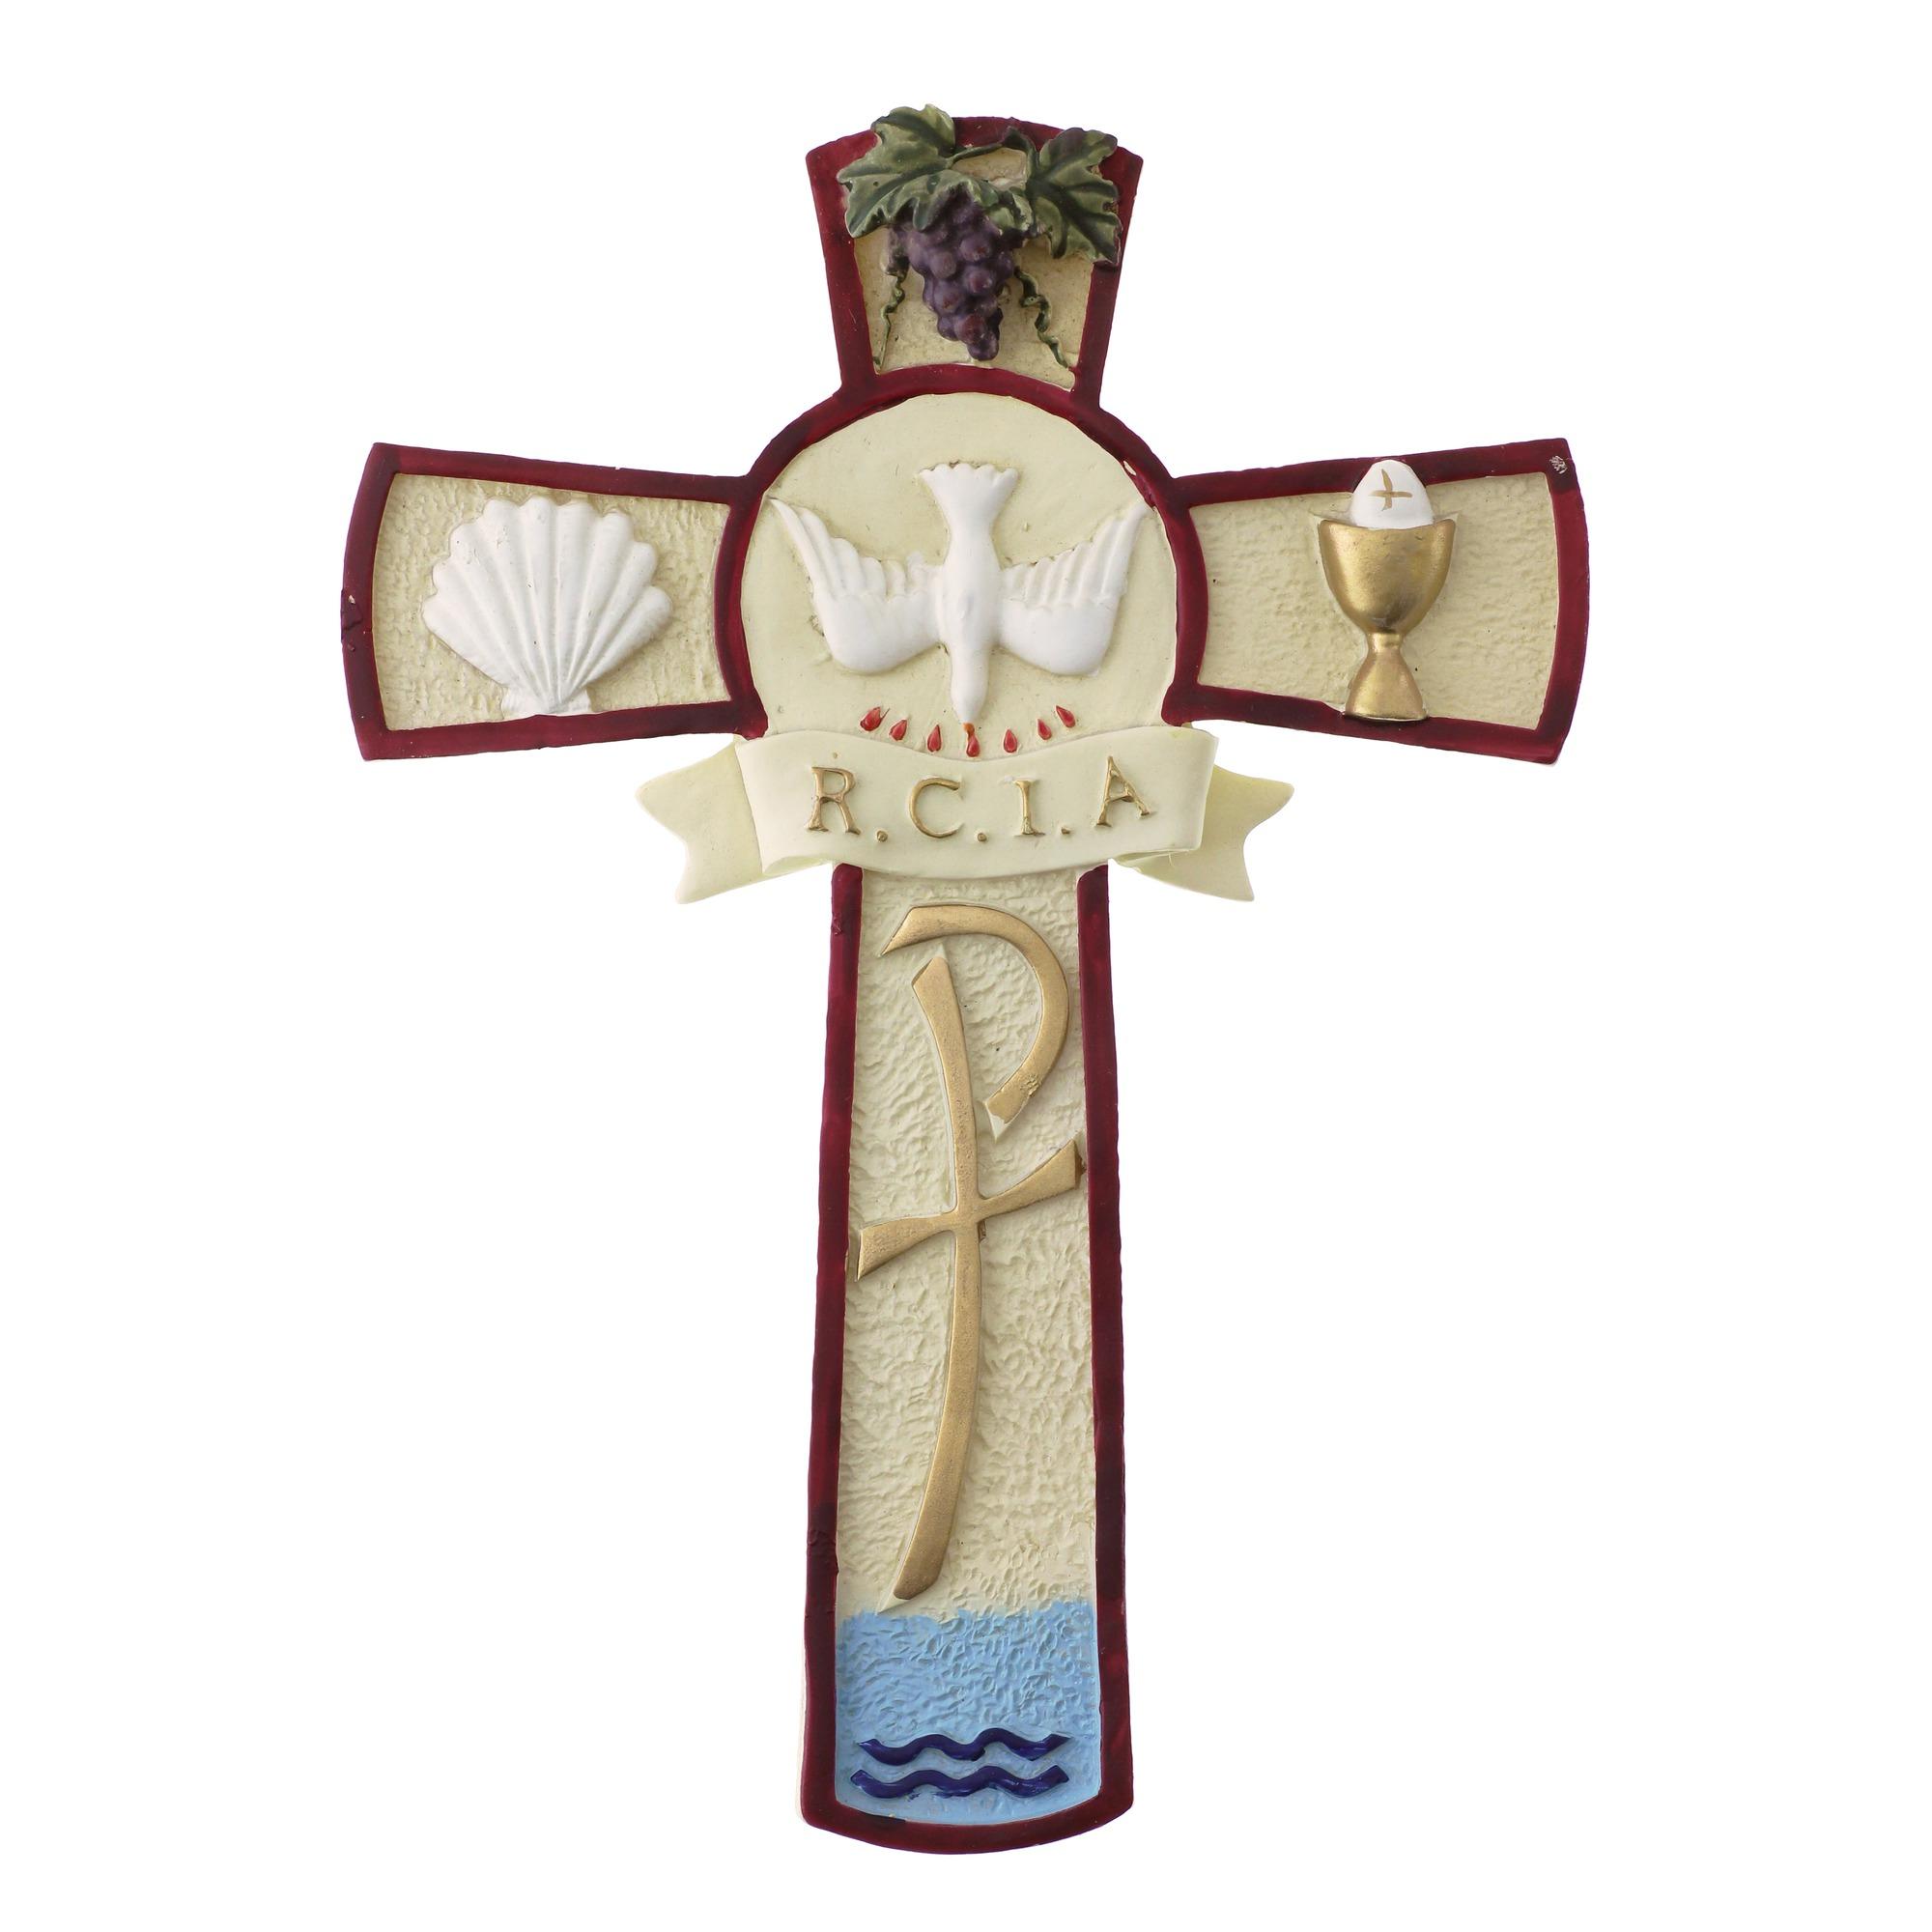 Rcia Wall Cross The Catholic Company